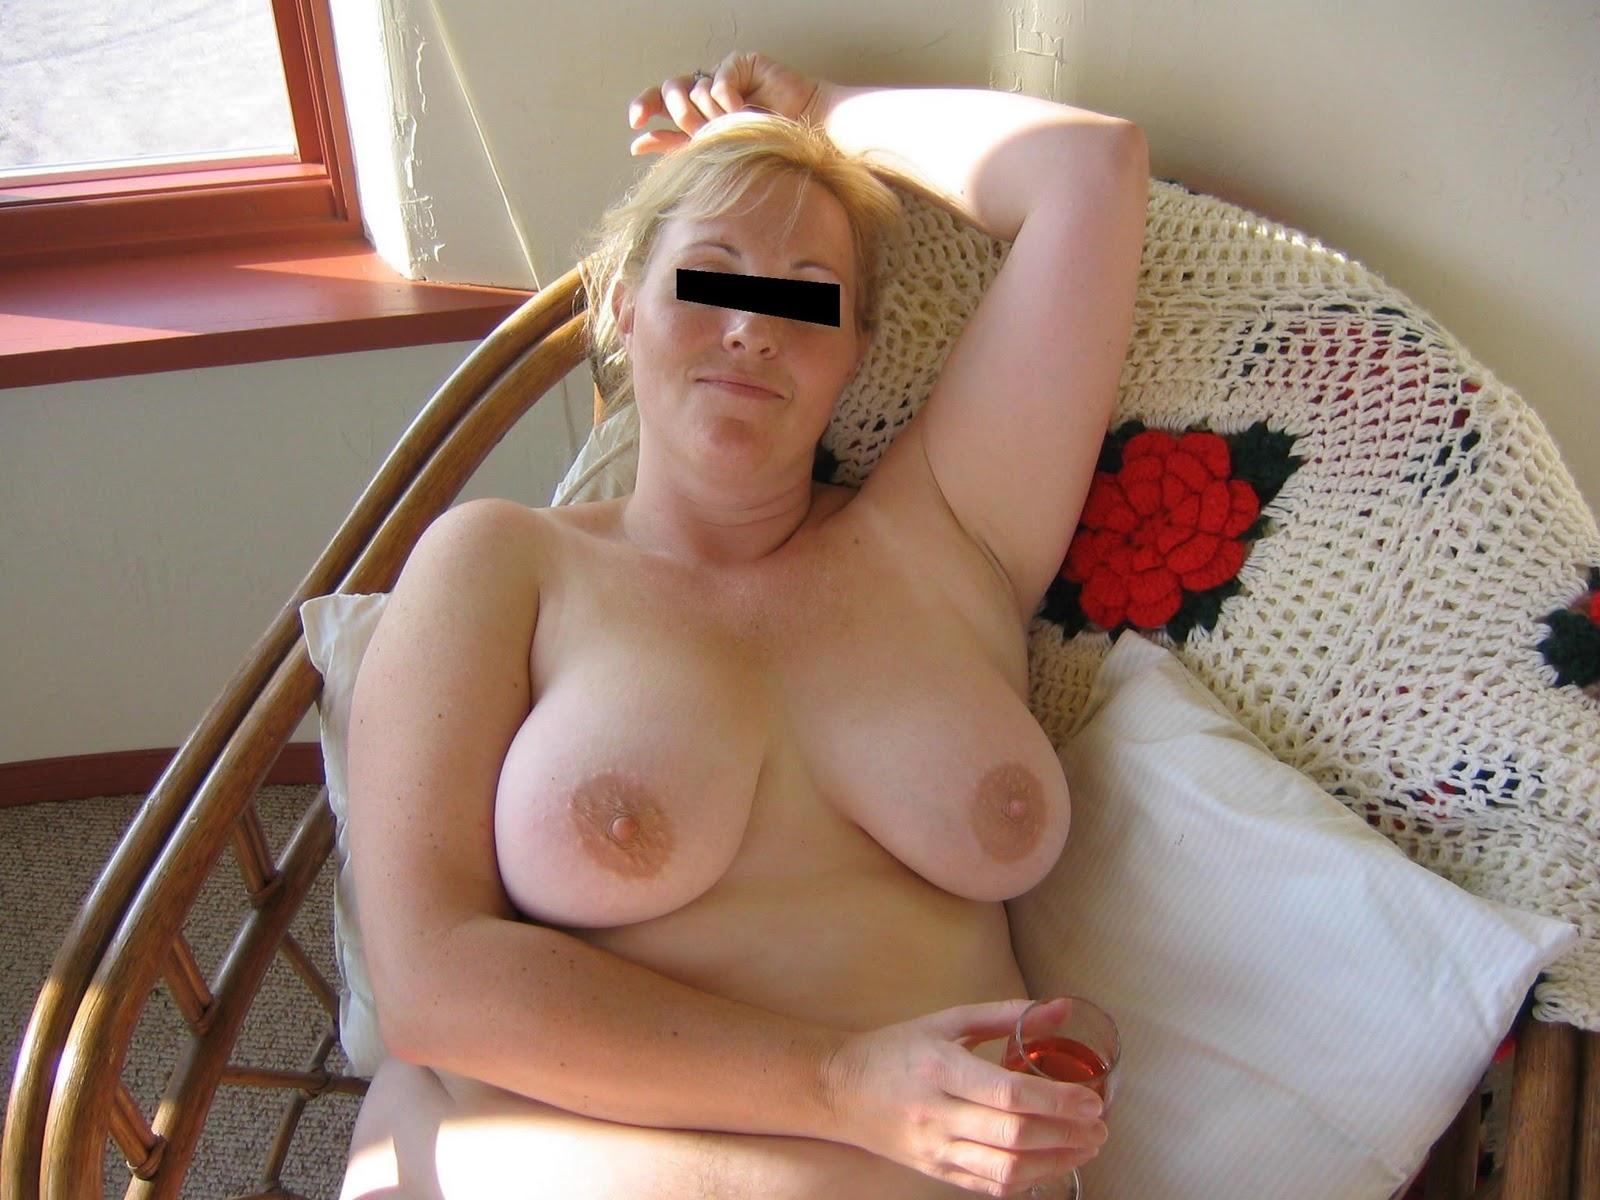 Фото больших зрелых, Порно фото зрелых женщин, Фотографии зрелых дам 3 фотография